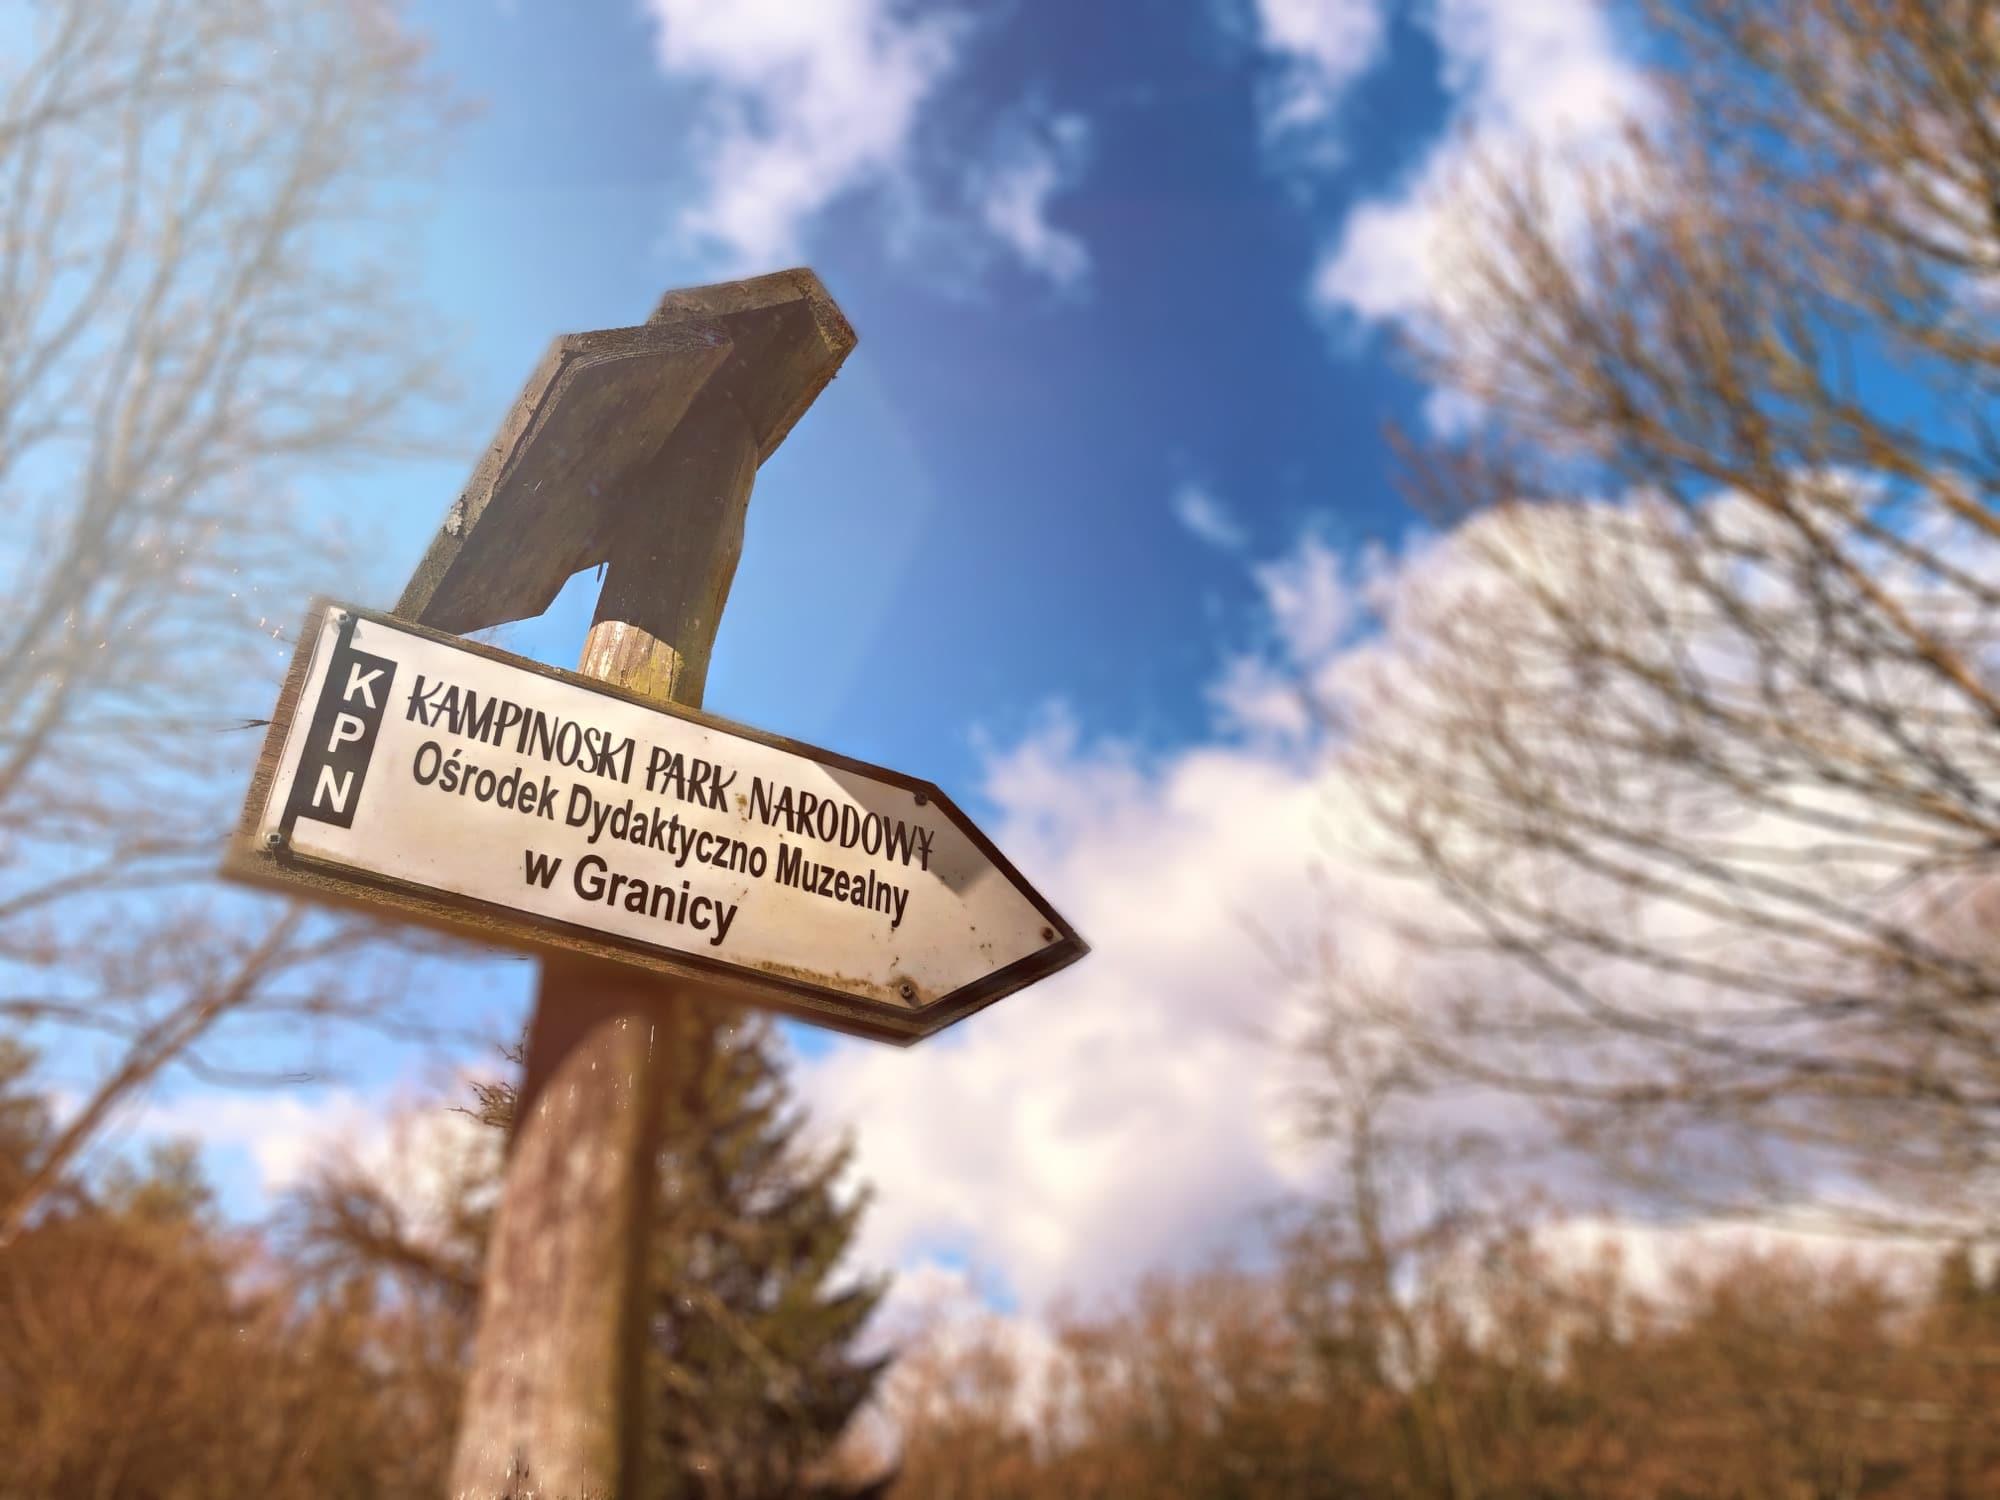 Miejscowość Granica leży na południu Kampinosu. To świetny punkt wejścia na szlaki turystyczne prowadzące wgłąb Puszczy. Leży przy drodze łączącej Warszawę i Sochaczew.